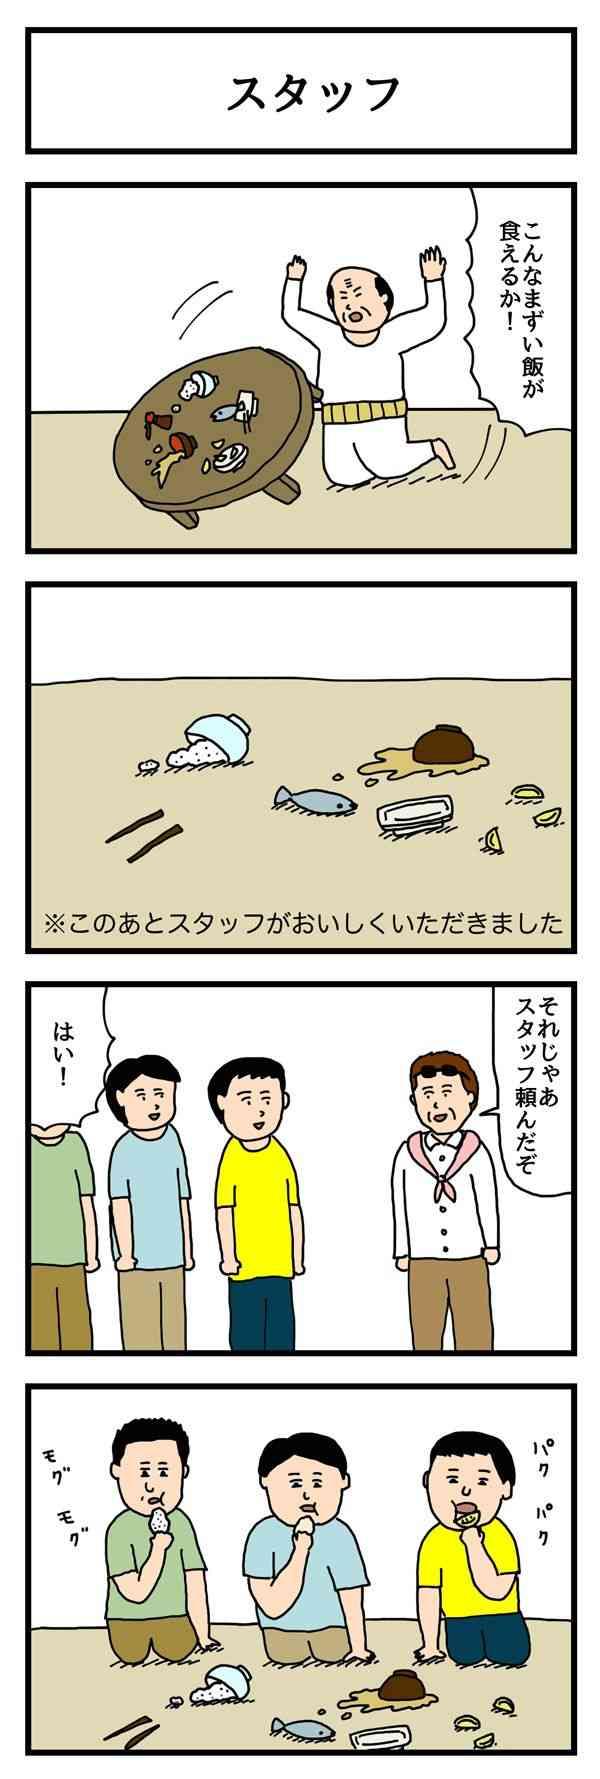 楽しい四コマ漫画ください